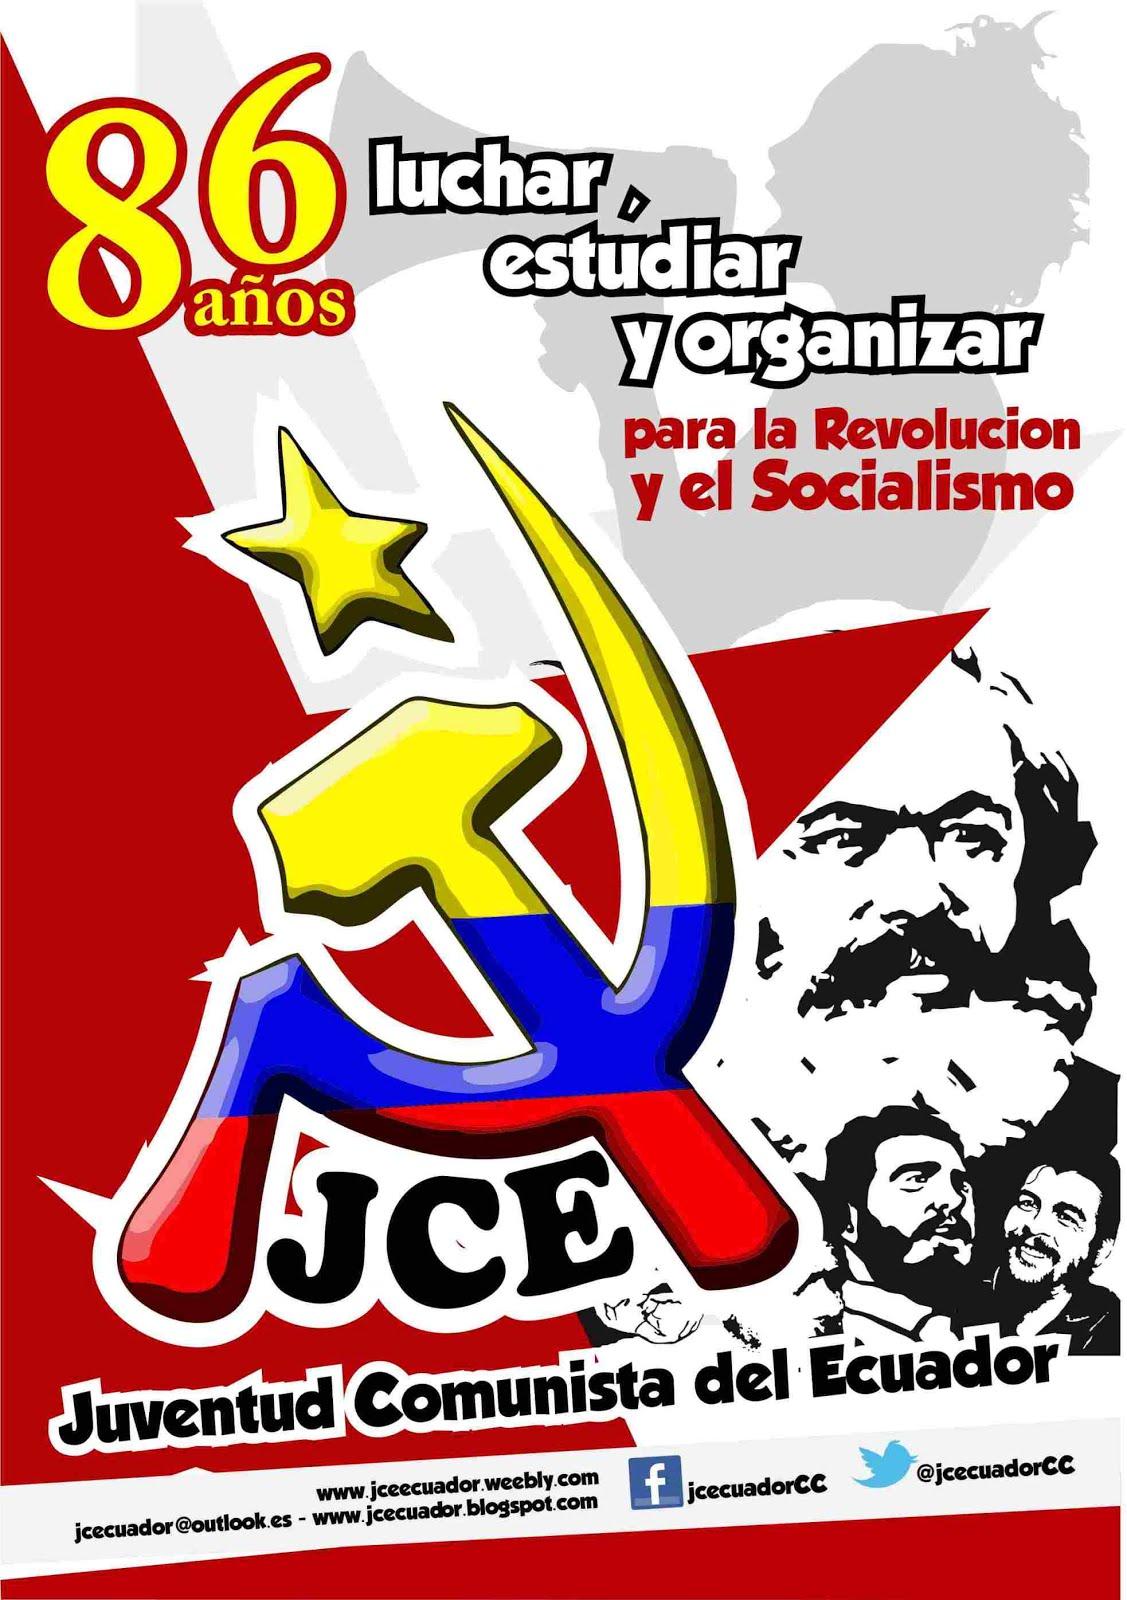 Juventud Comunista del Ecuador